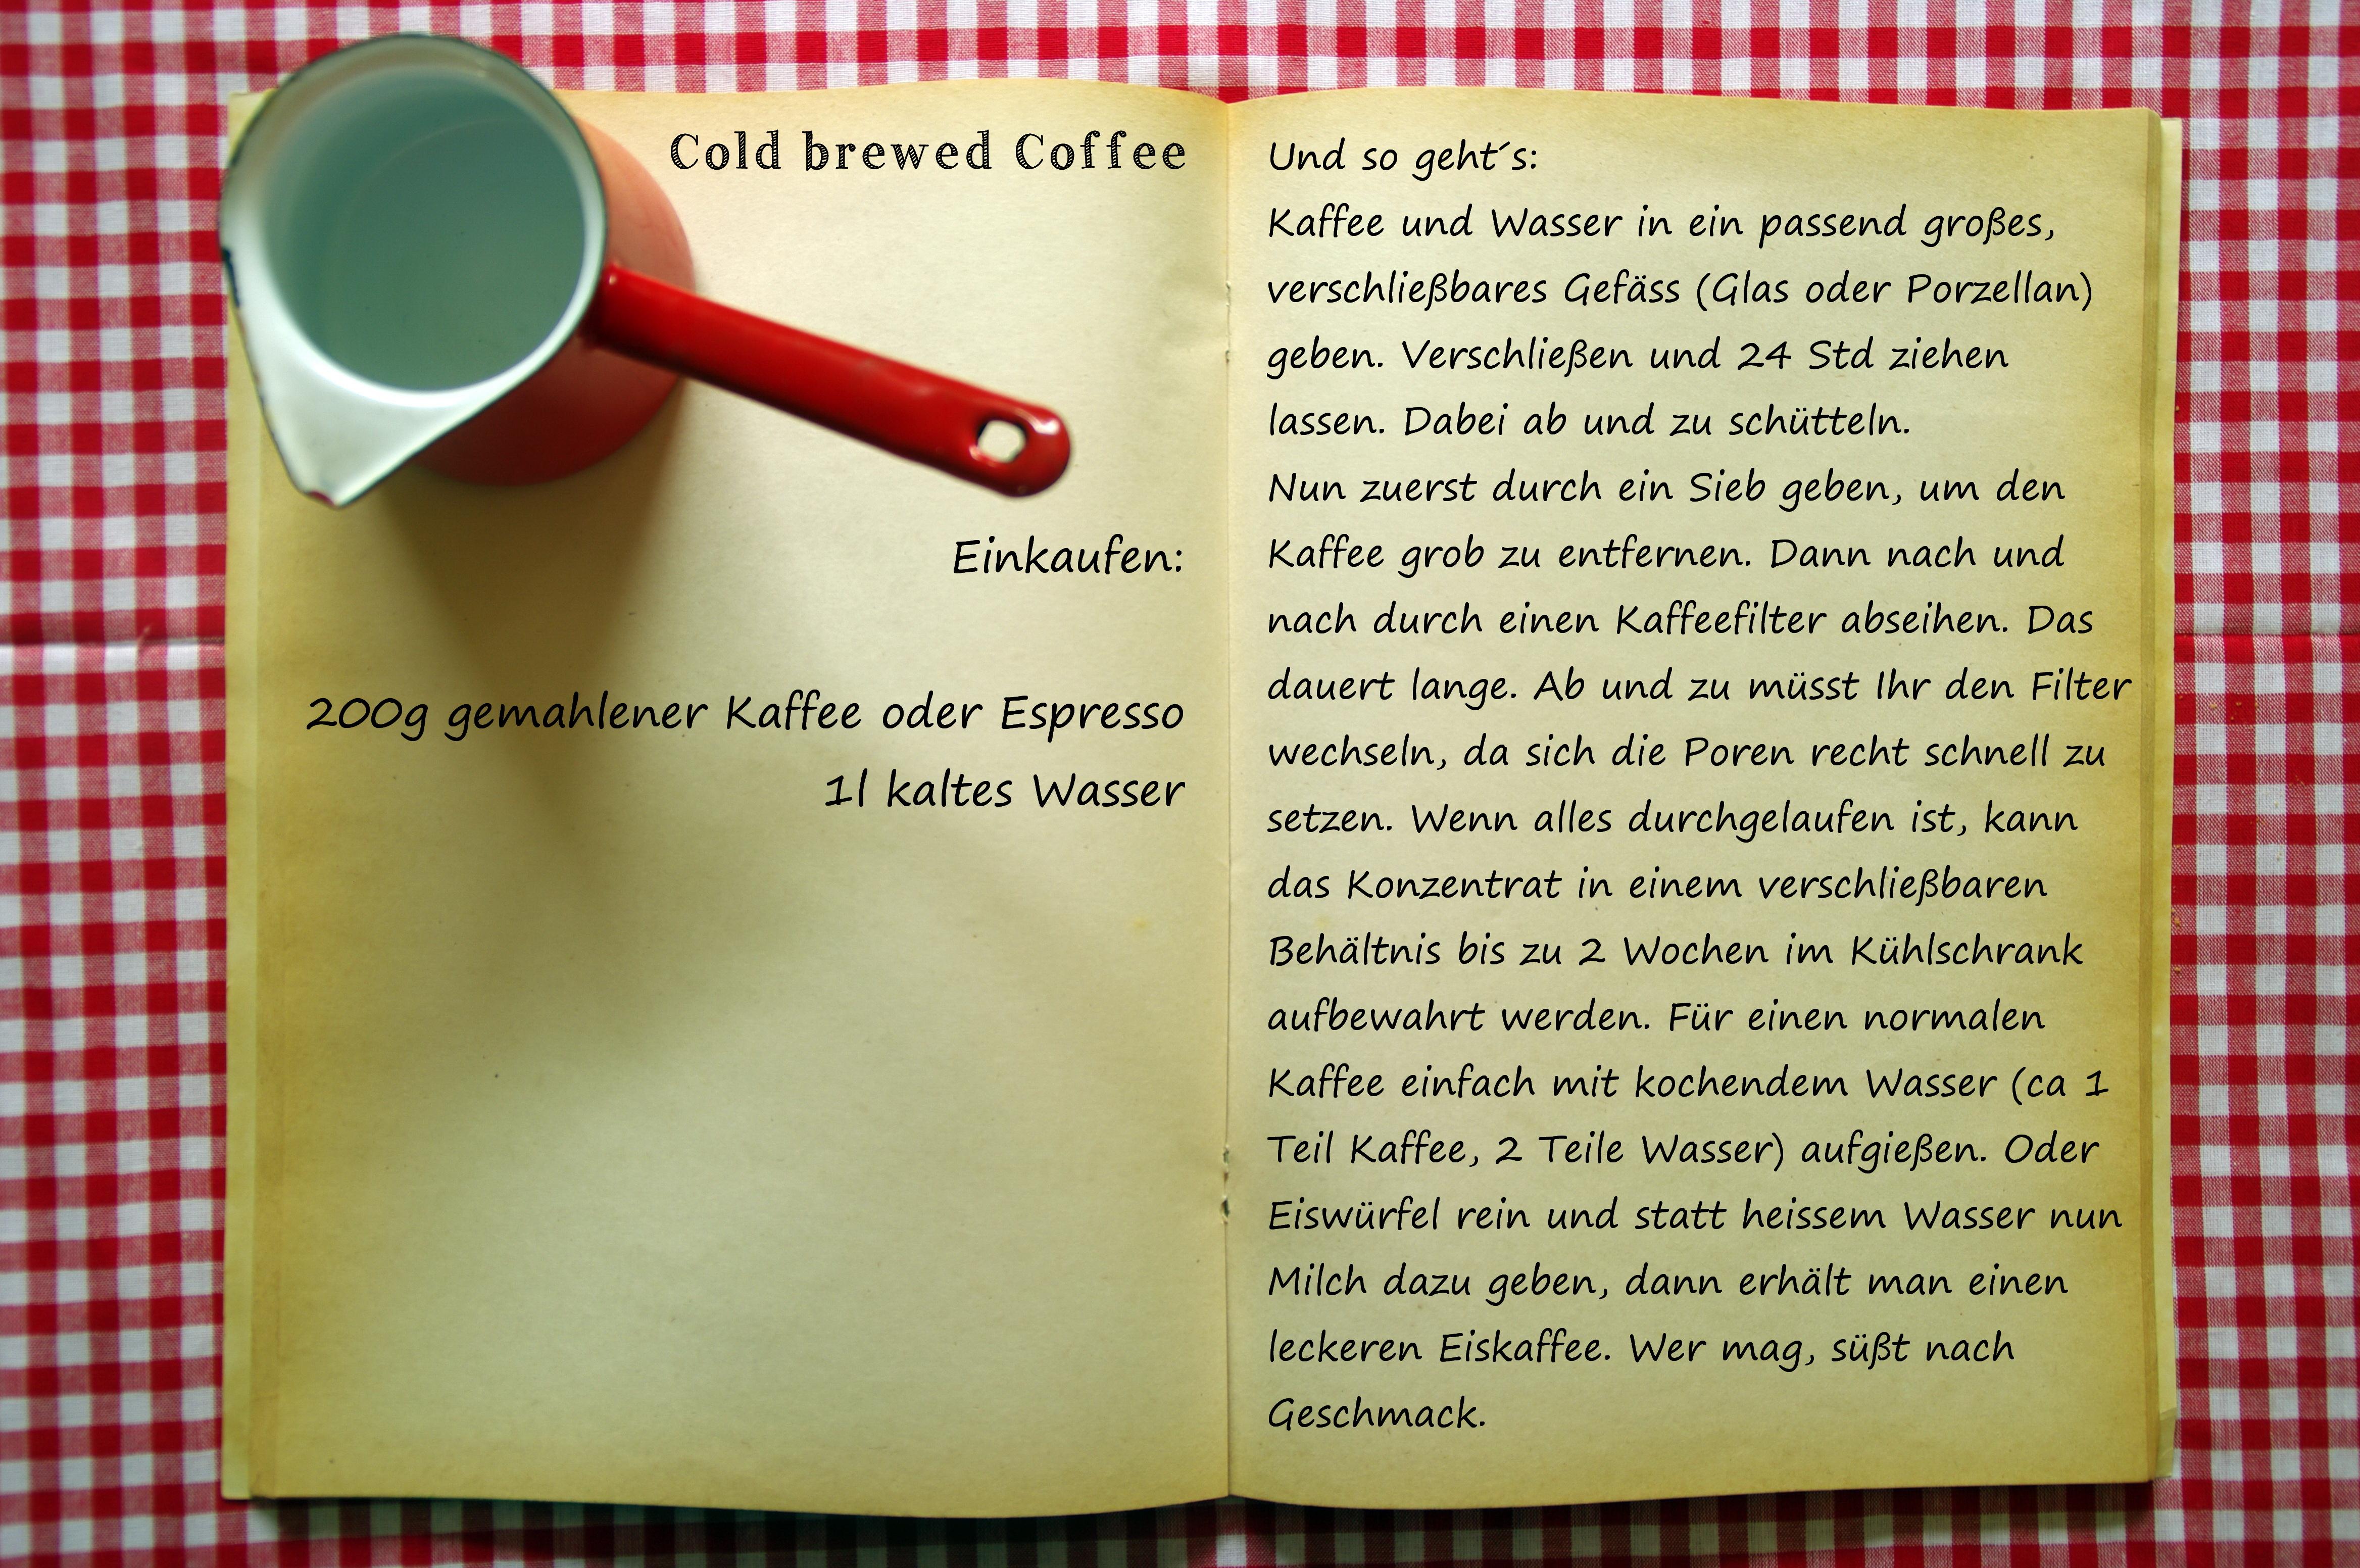 Einkaufszettel Coldbrewed Coffee by Glasgeflüster